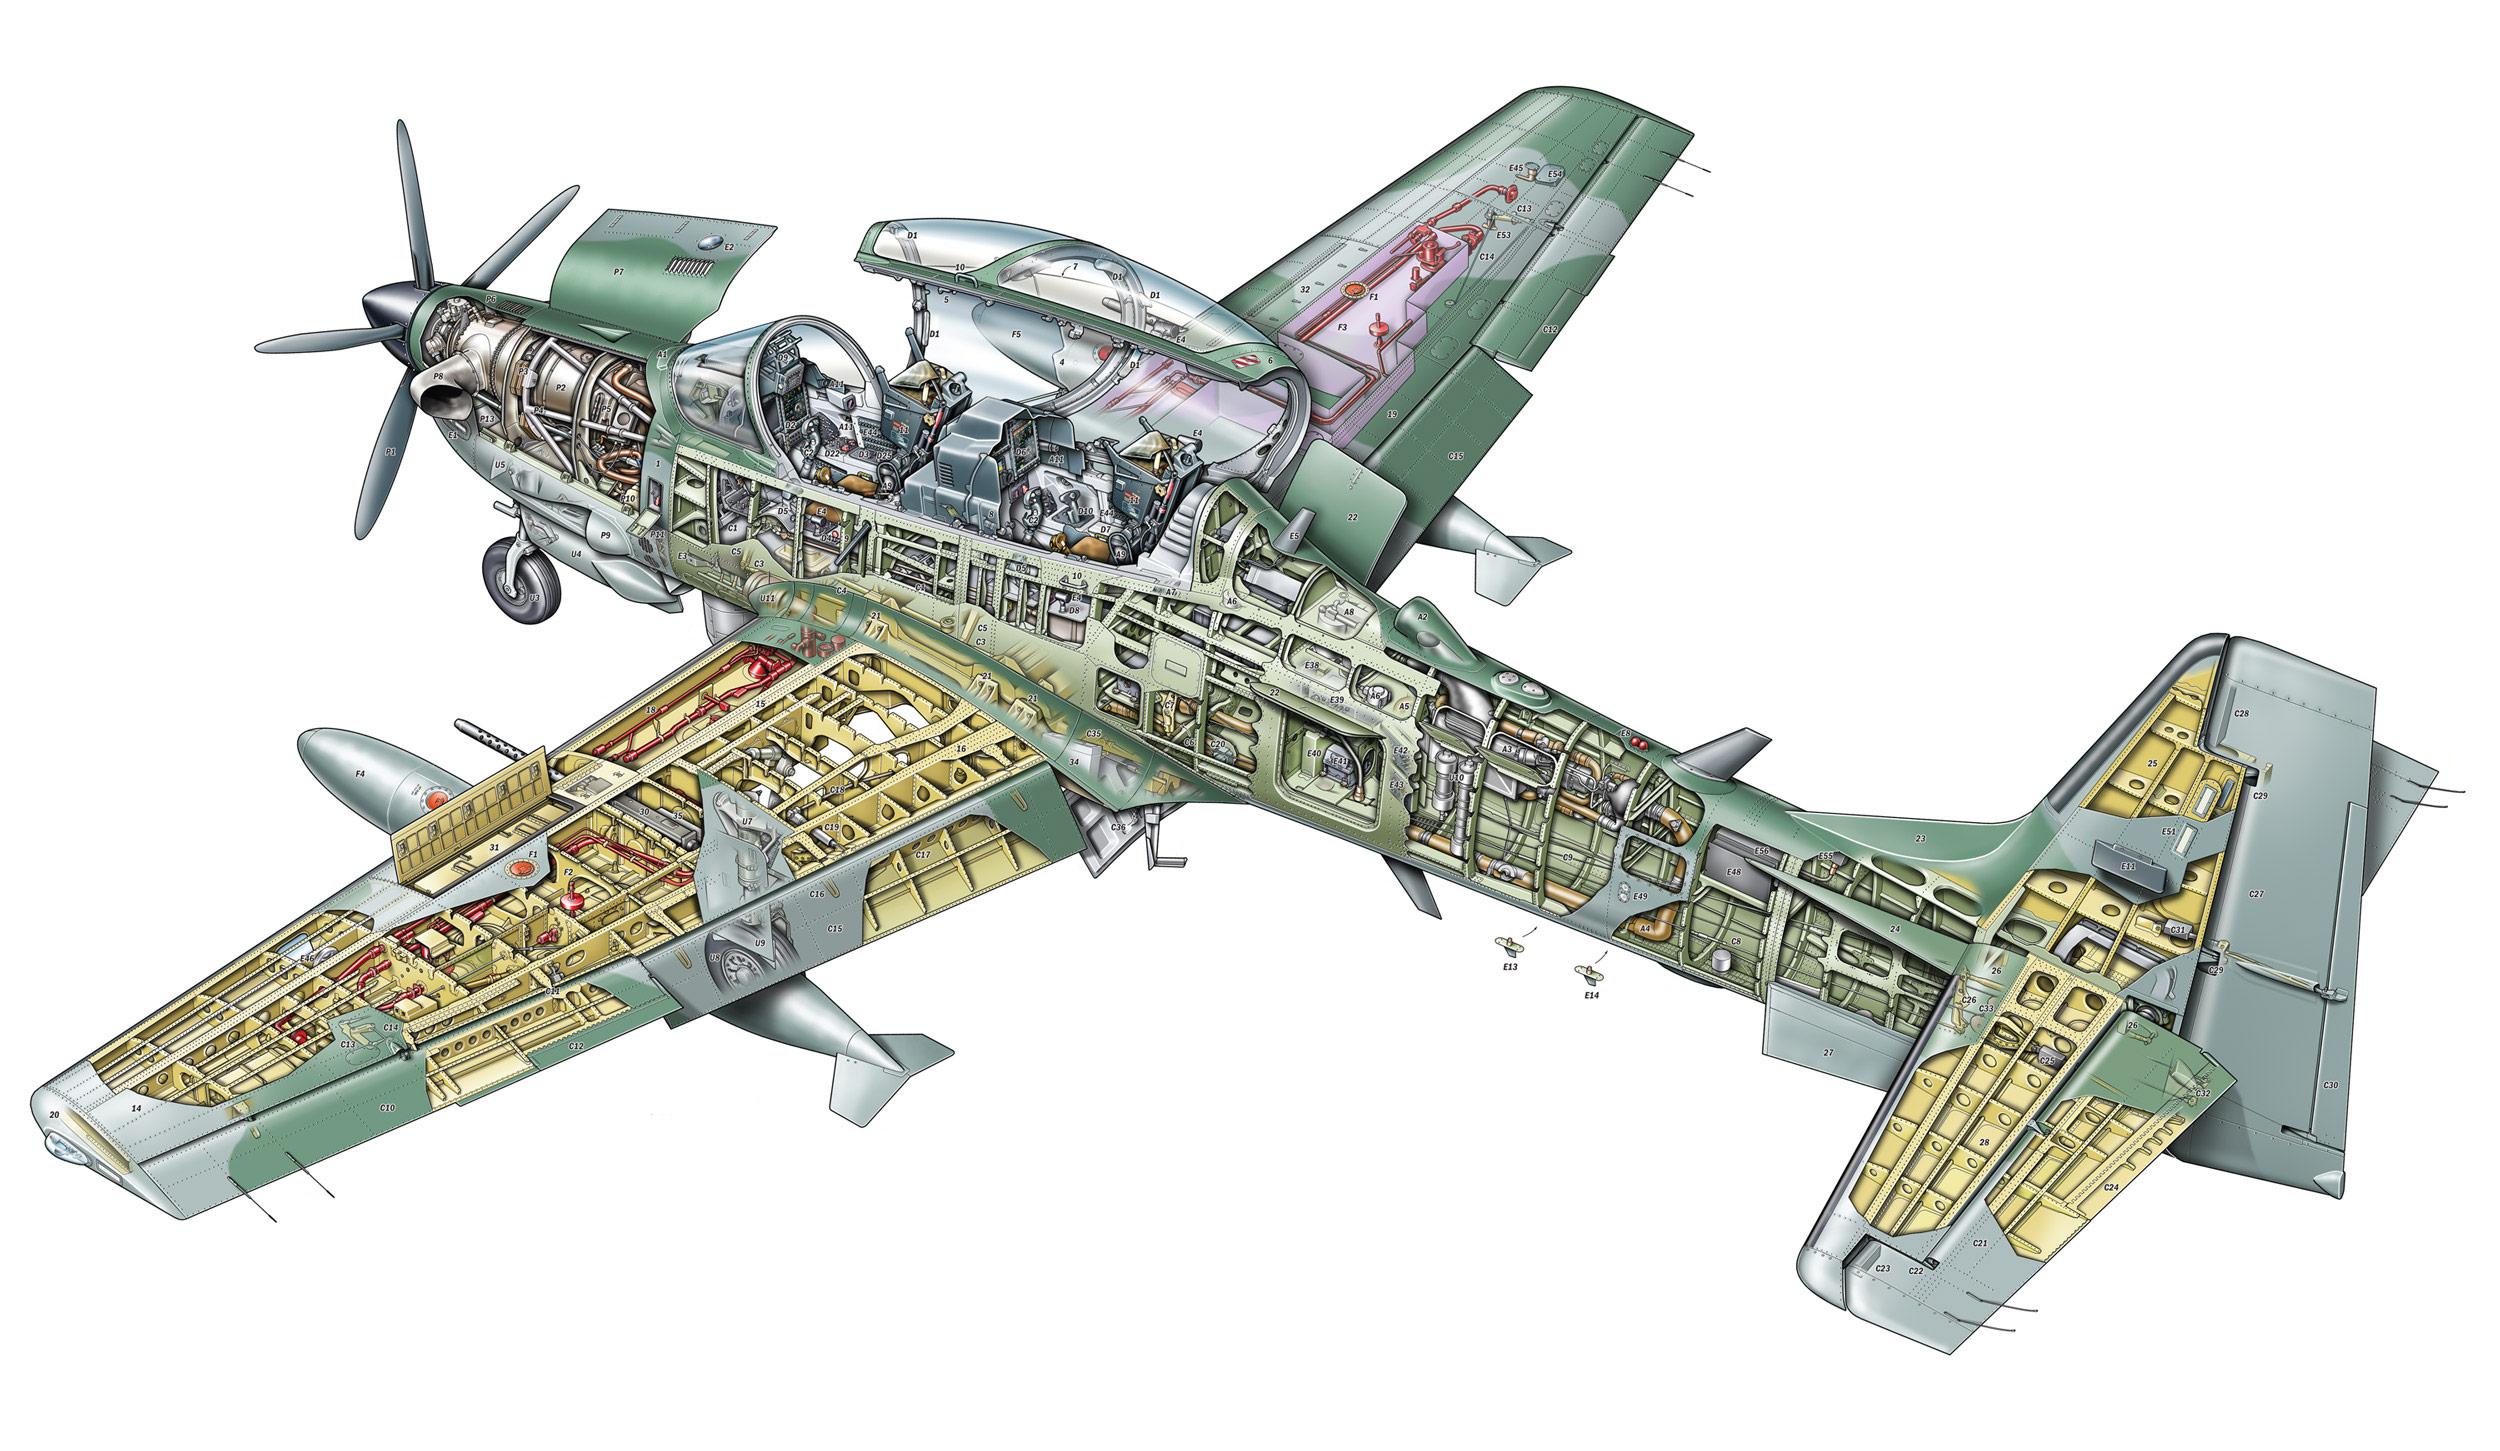 Embraer EMB 314 Super Tucano cutaway